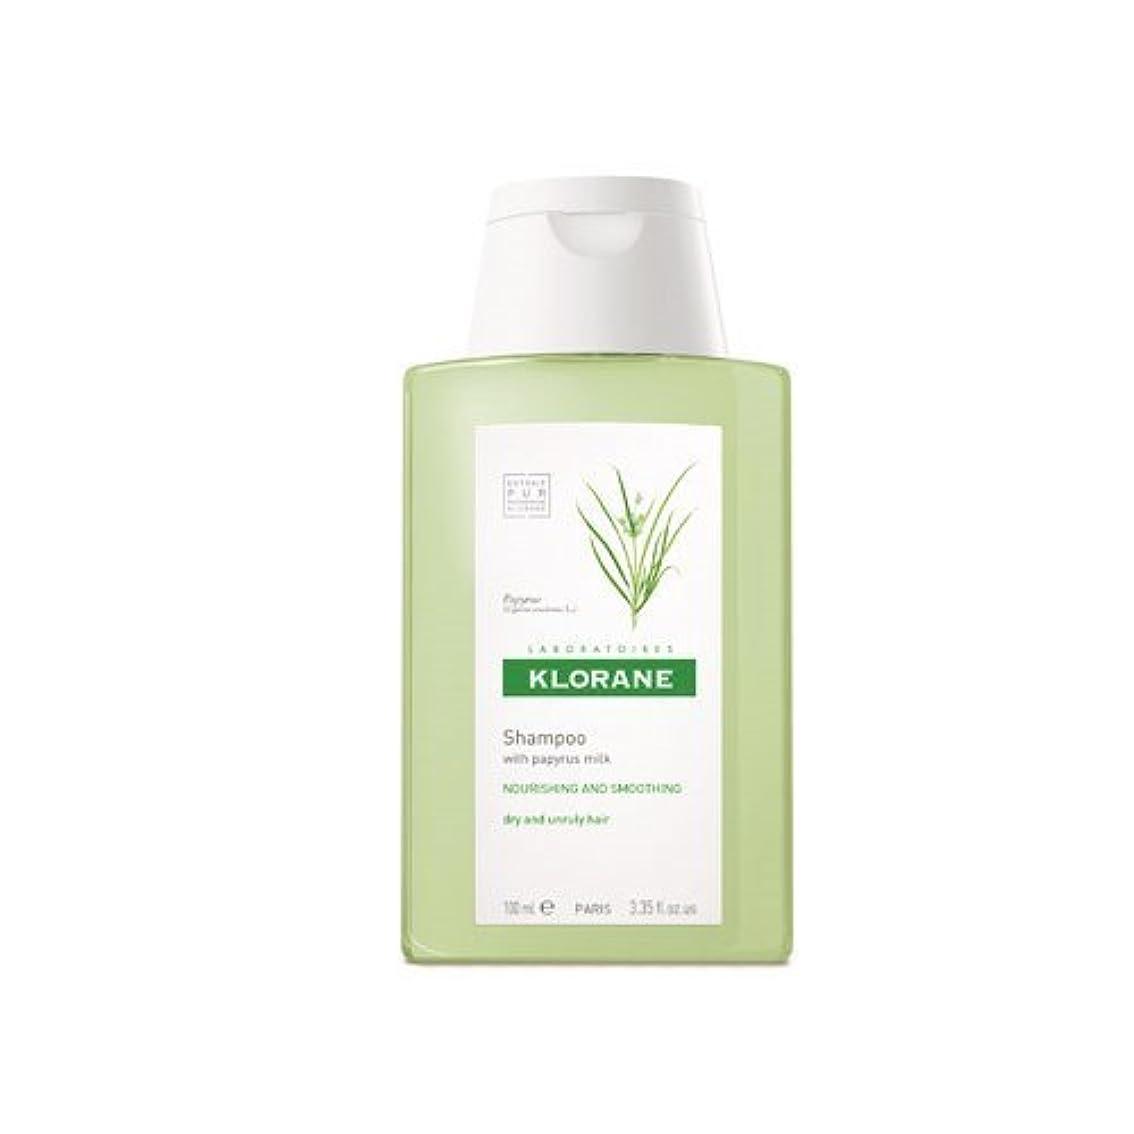 スズメバチ摂氏願望Klorane Shampoo with Papyrus Milk, 3.35 oz Travel Size by Klorane [並行輸入品]